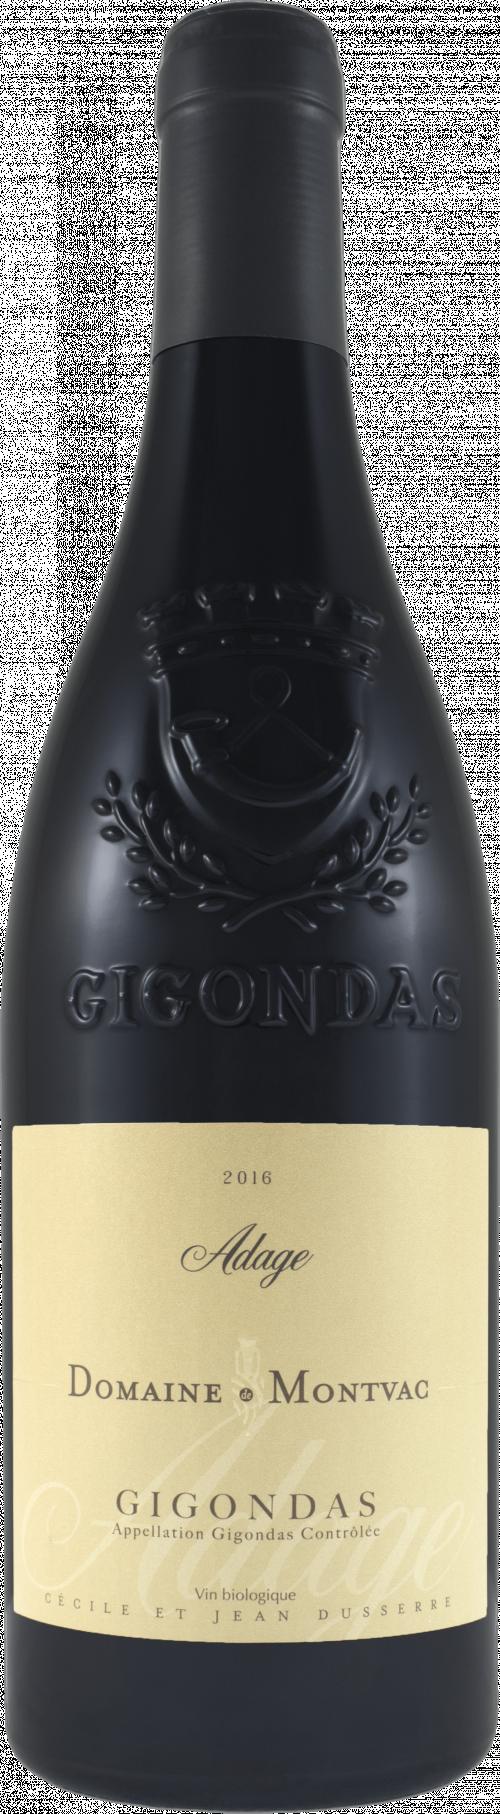 2018 Domaine De Montvac Adage Gigondas 750ml